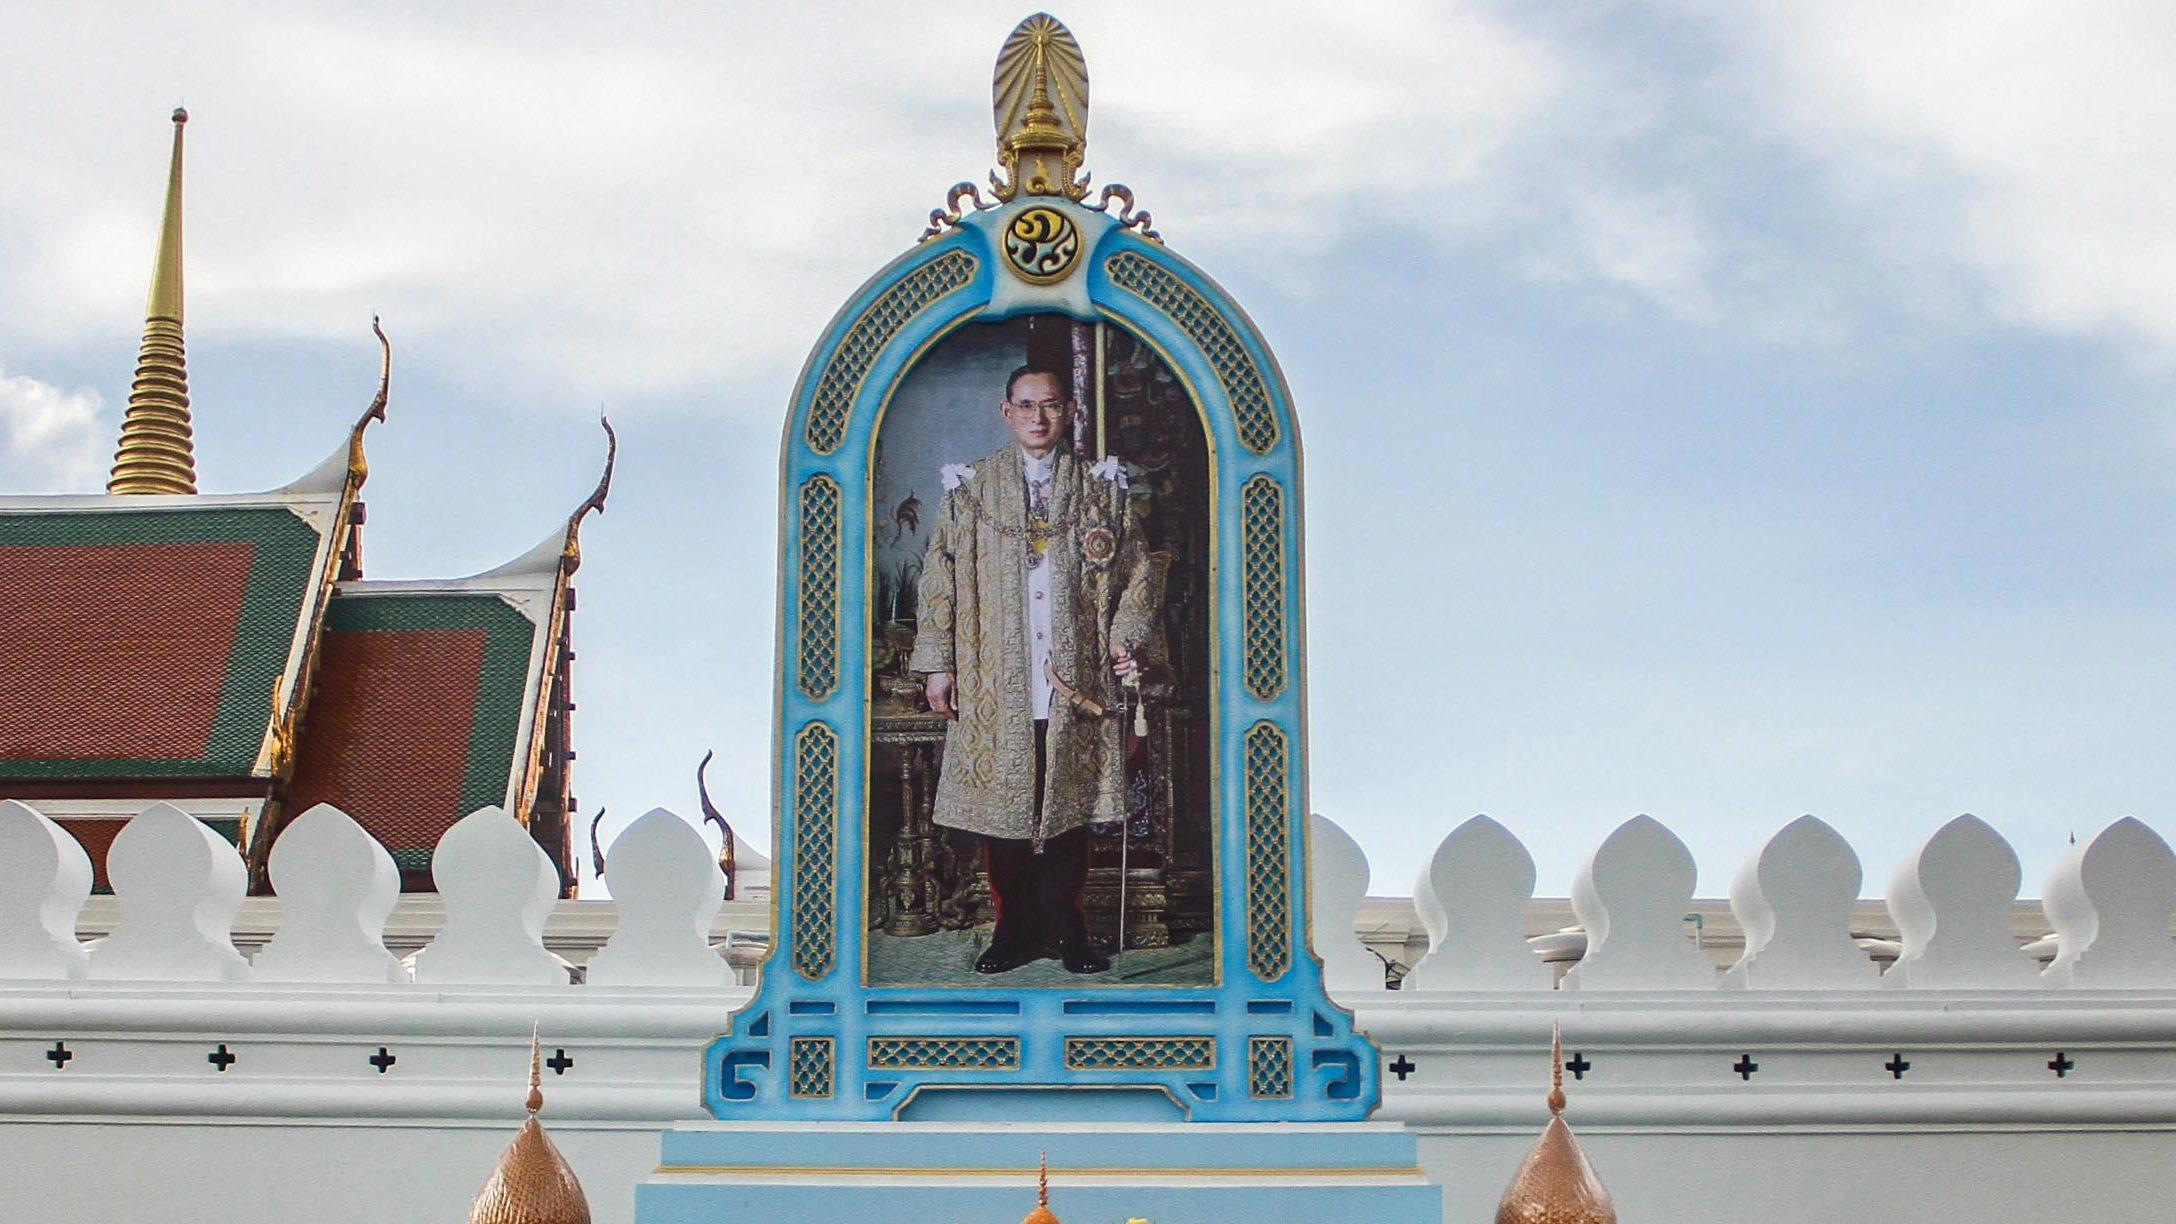 ในหลวง-พระราชินี ทรงบำเพ็ญพระราชกุศล วันคล้ายวันสวรรคตในหลวง ร.๙